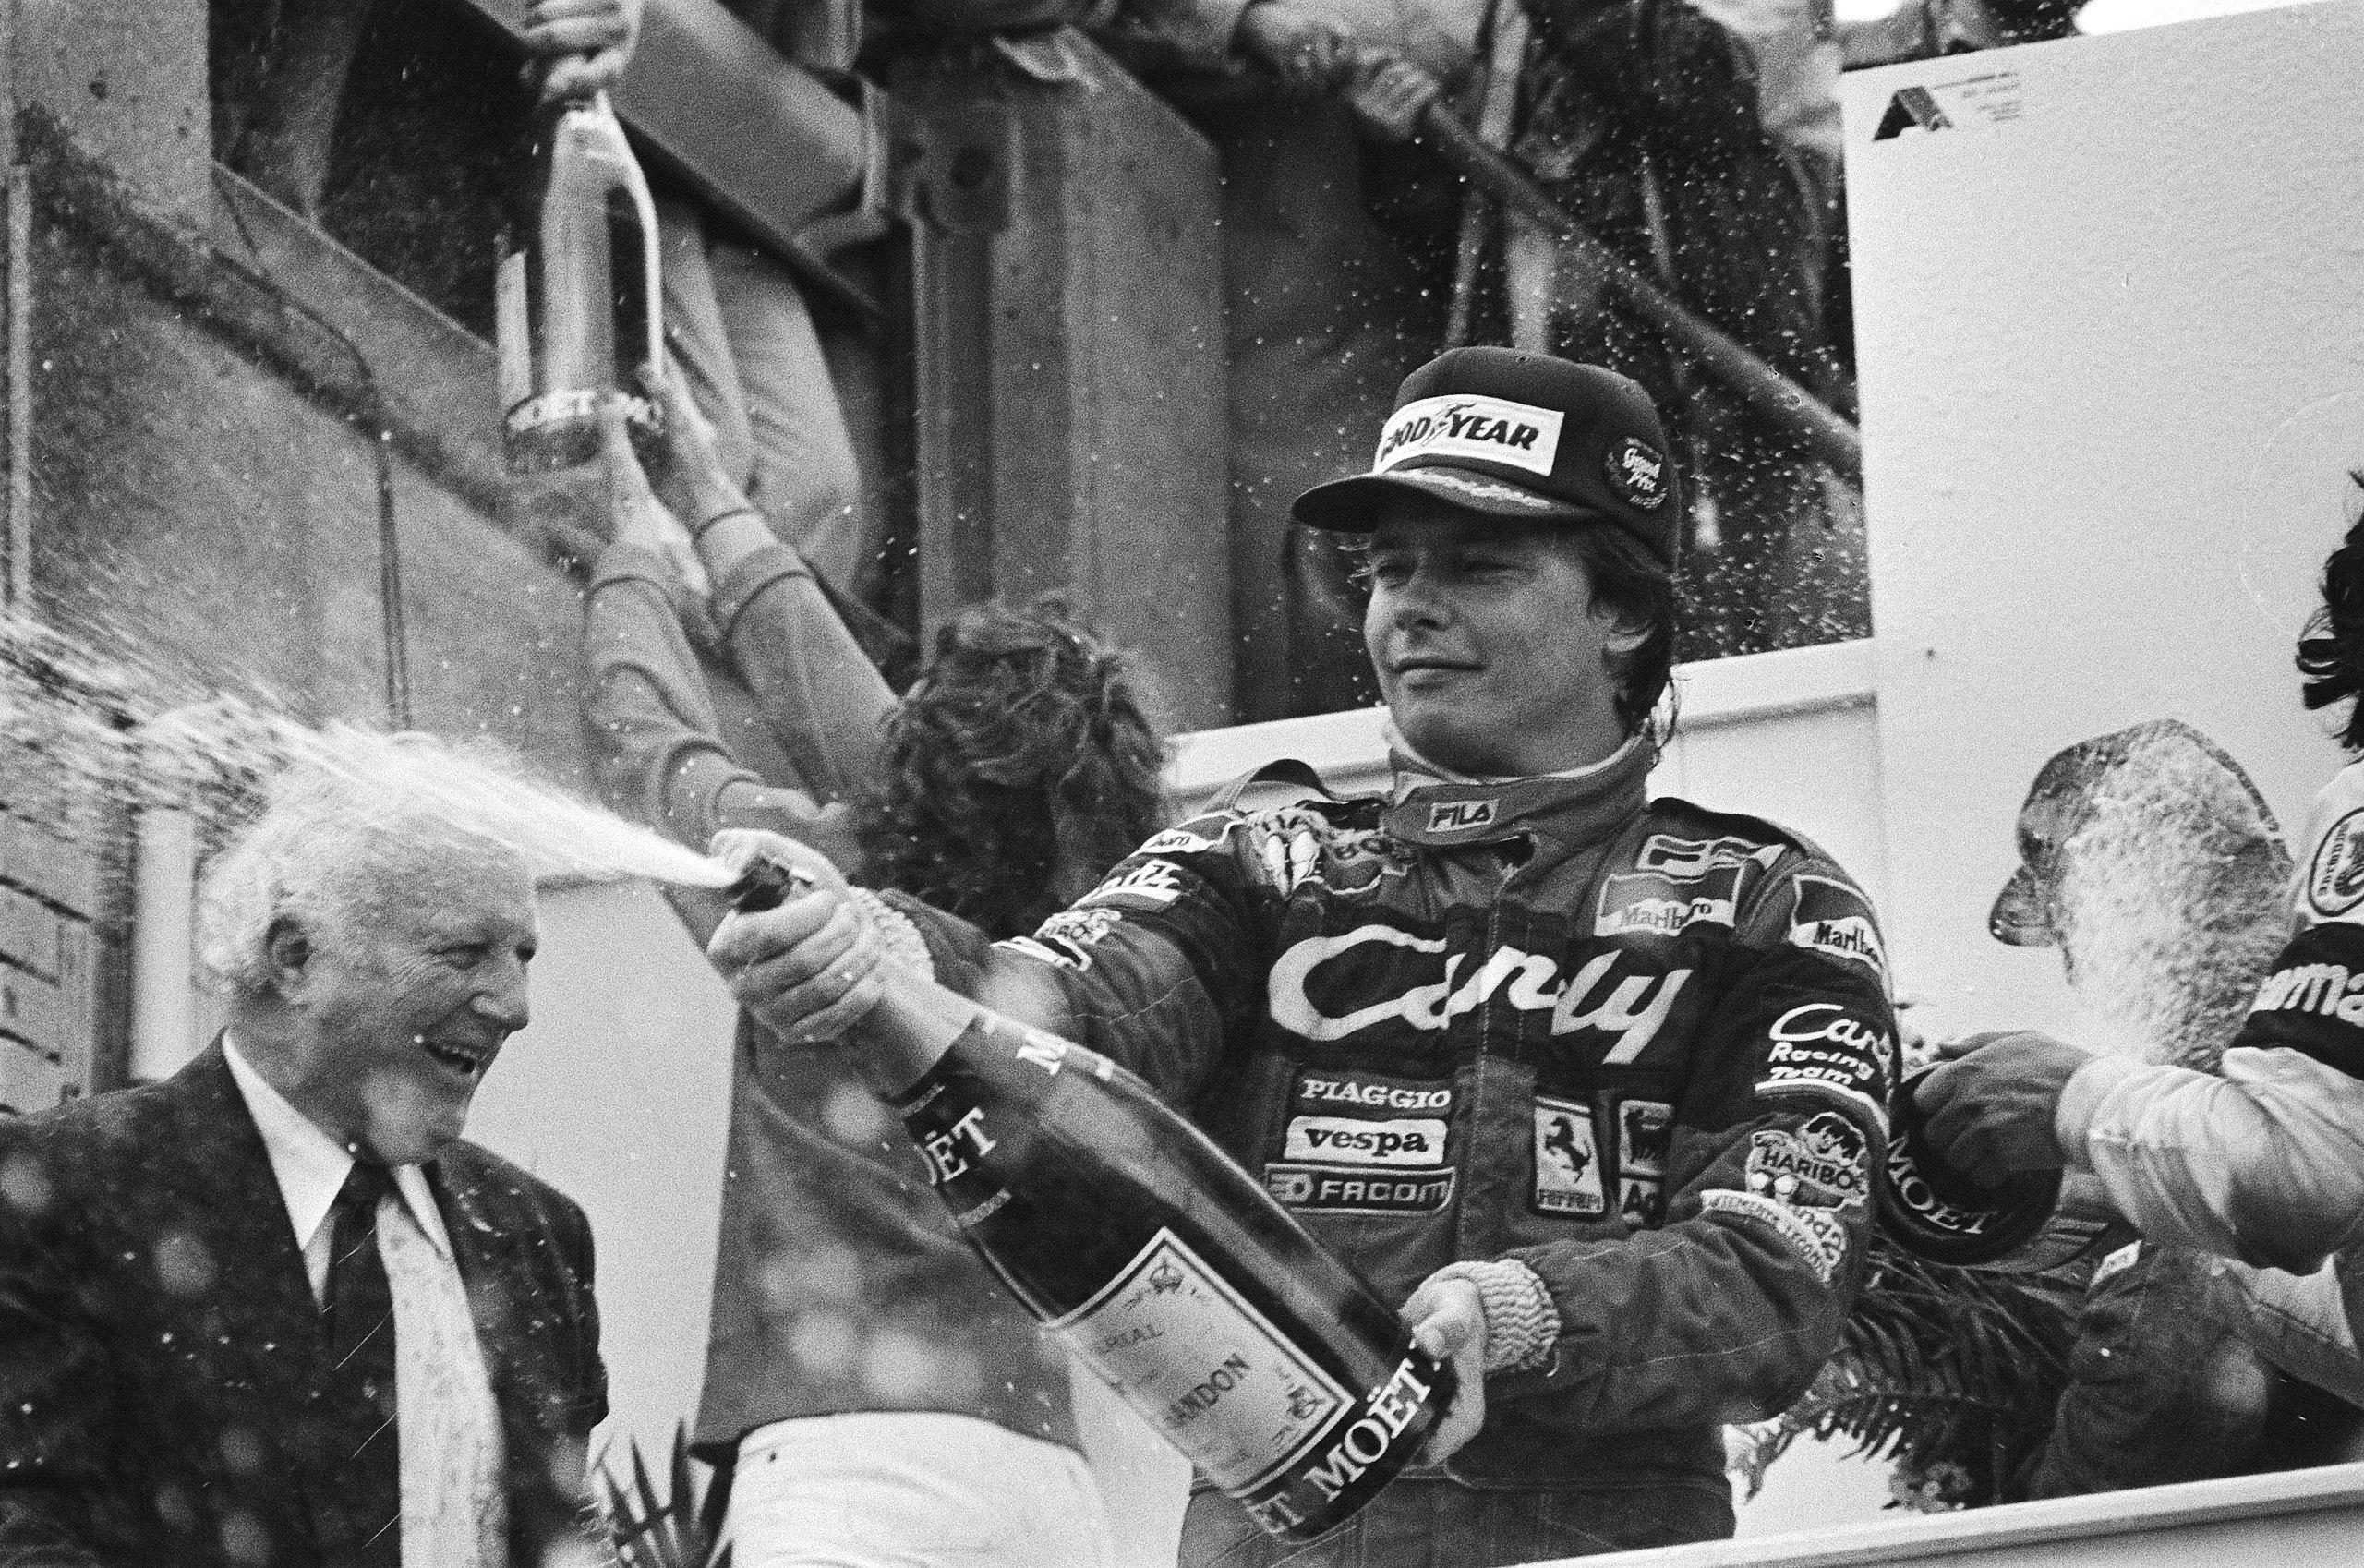 1982: Den tragiske historien om Didier Pironi, og den mest vanvittige Formel 1-sesongen noensinne